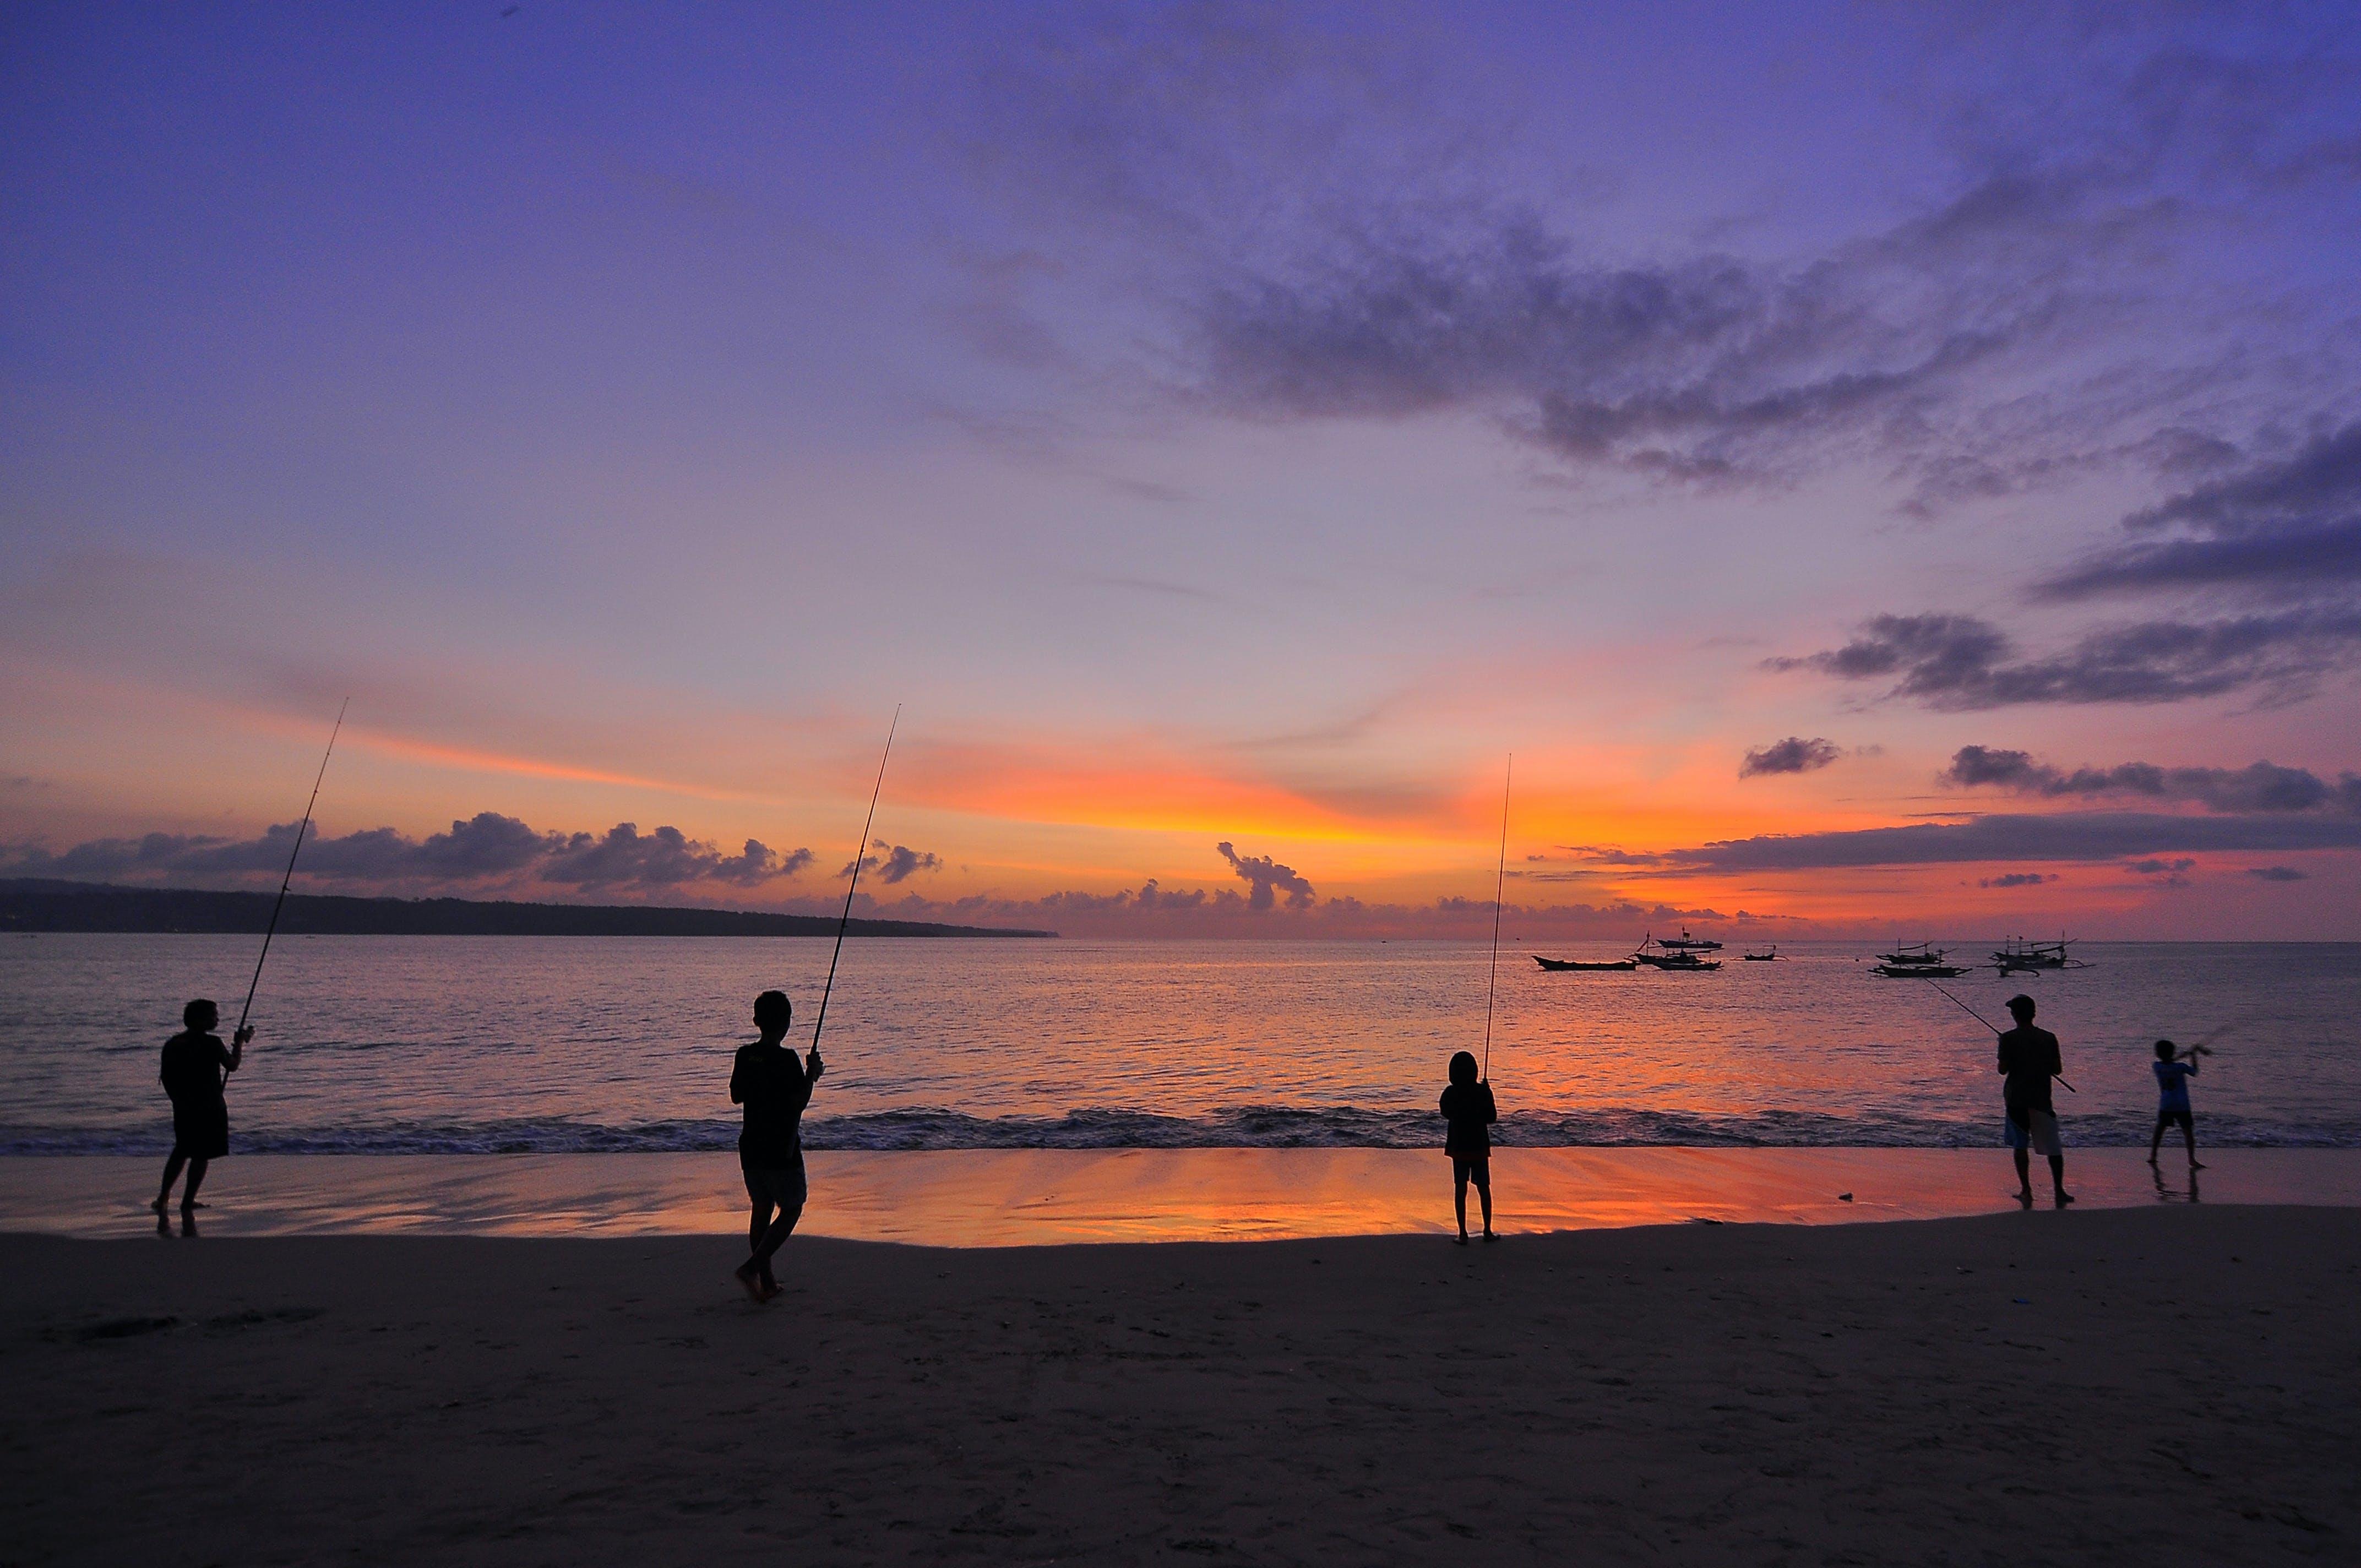 arkadan aydınlatılmış, Balık tutmak, boş zaman, deniz içeren Ücretsiz stok fotoğraf